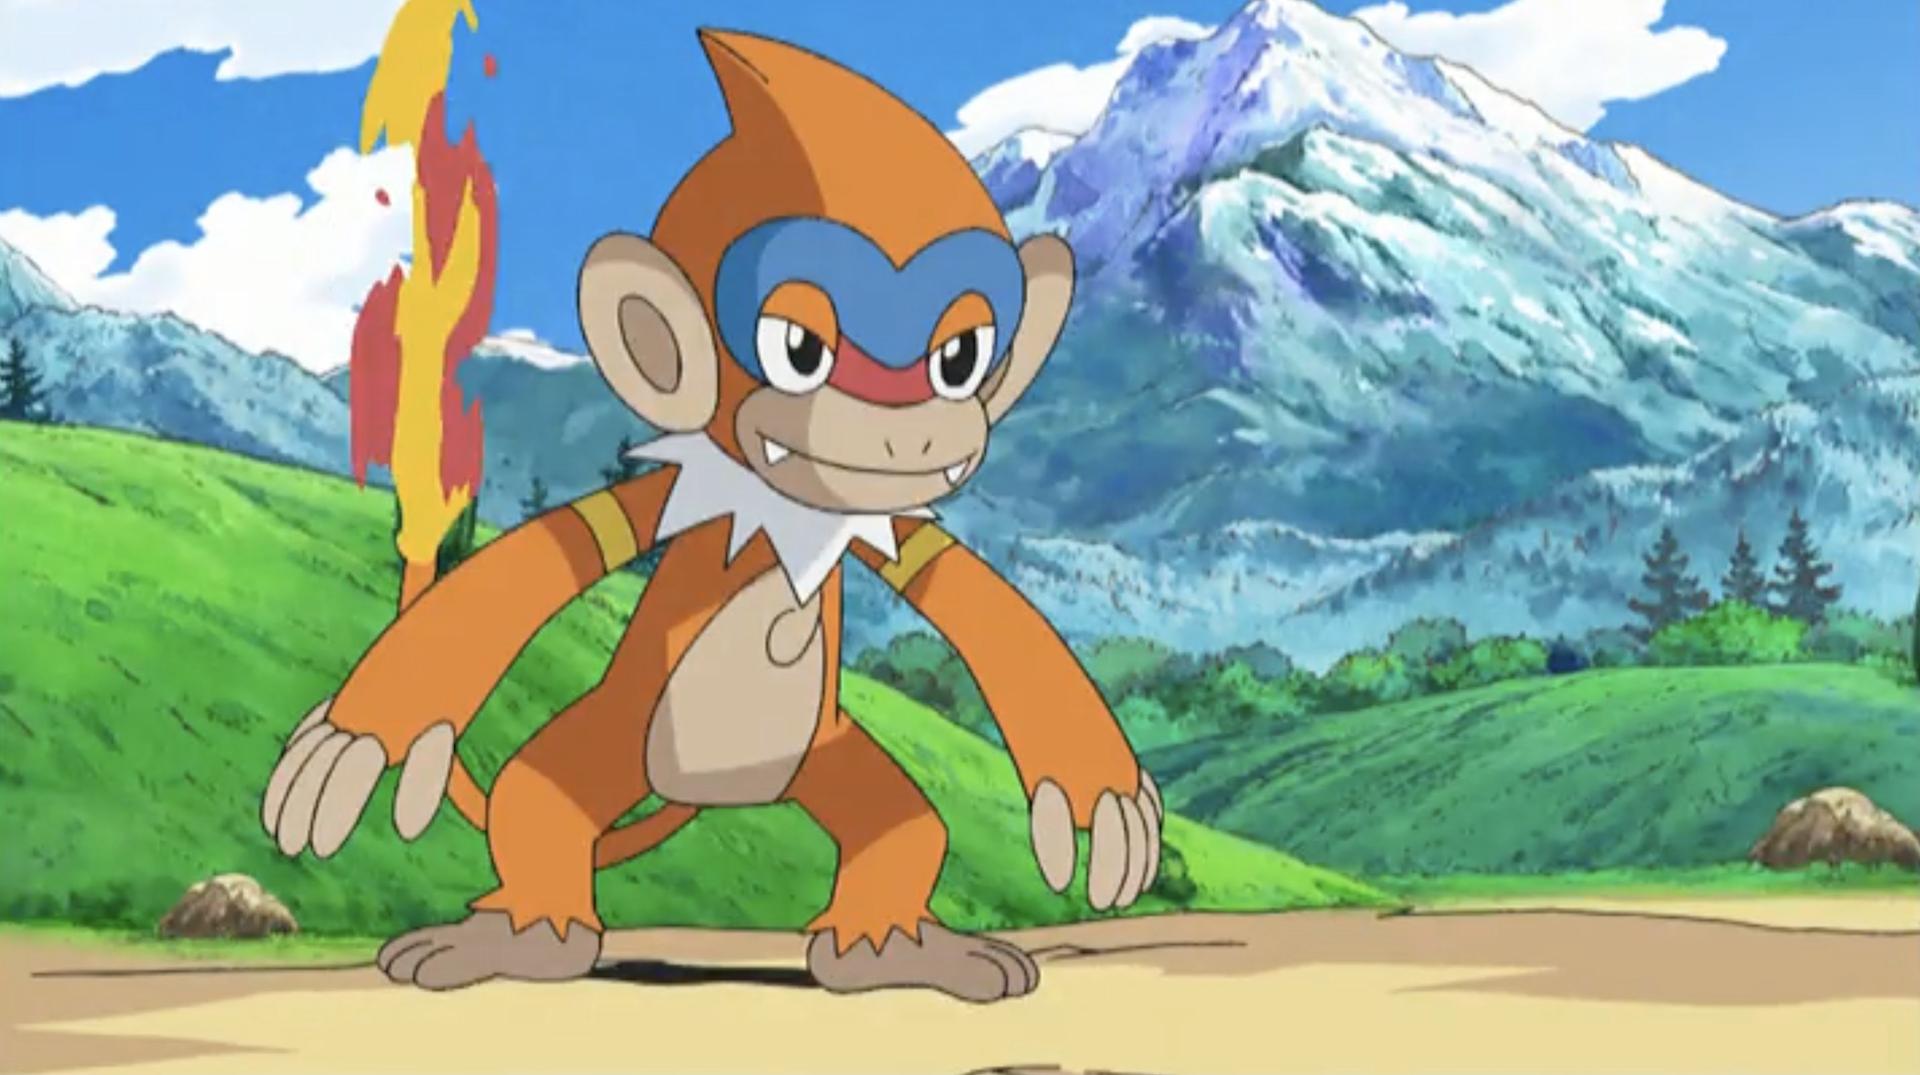 Dp132 Evolving Strategies Pokémon Wiki Fandom Powered By Wikia